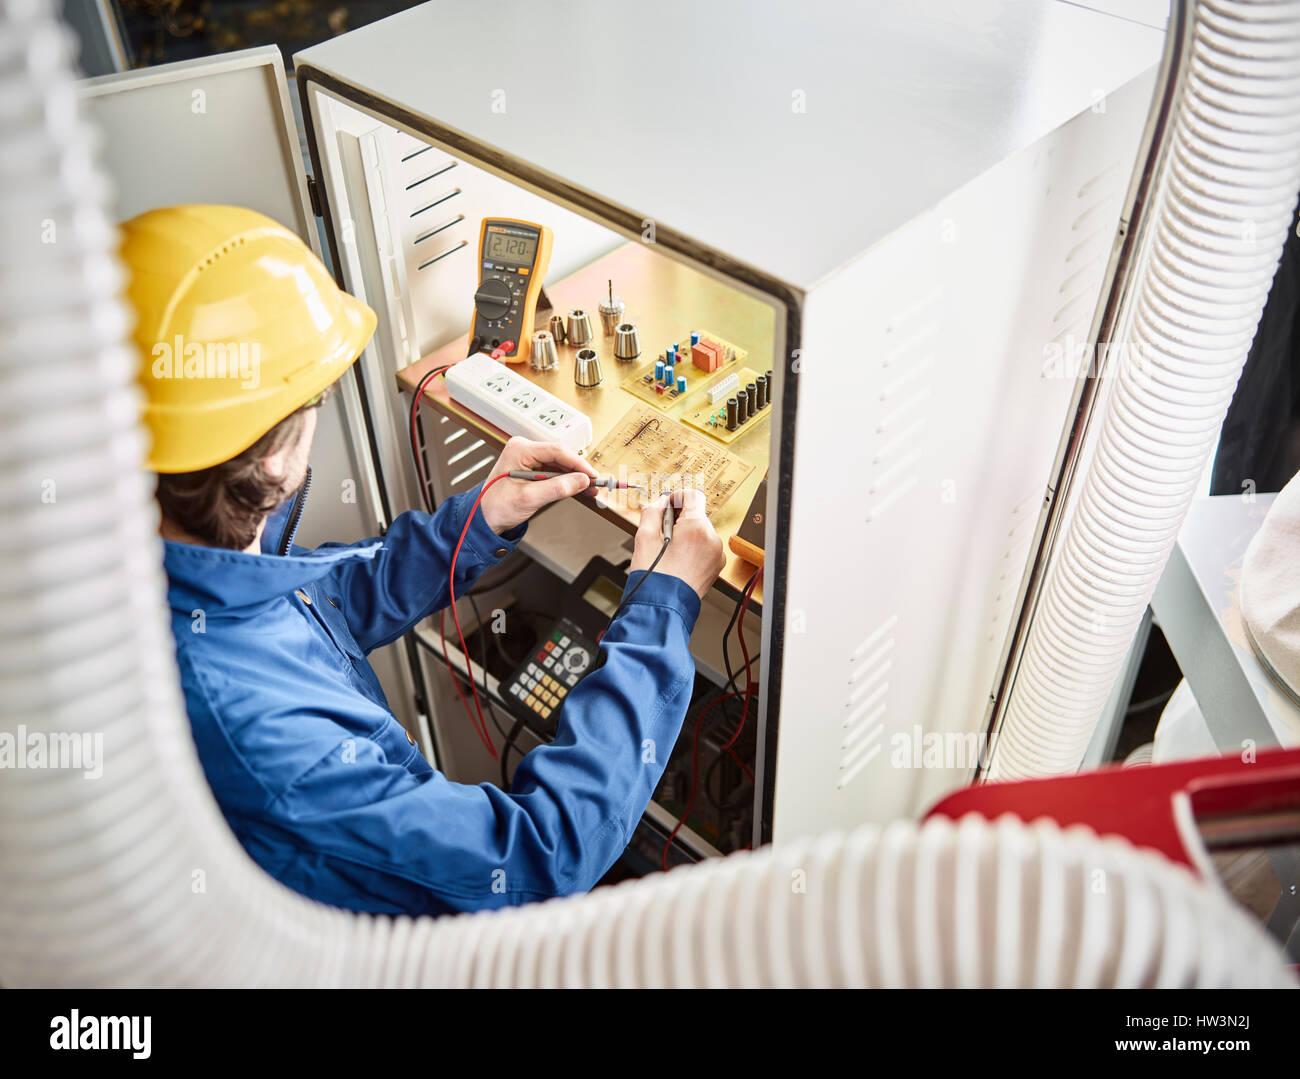 Ingenieur mit Helm während einer Reparatur und Fehlerbehebung der Steuerung einer CNC-Maschine, Österreich Stockbild